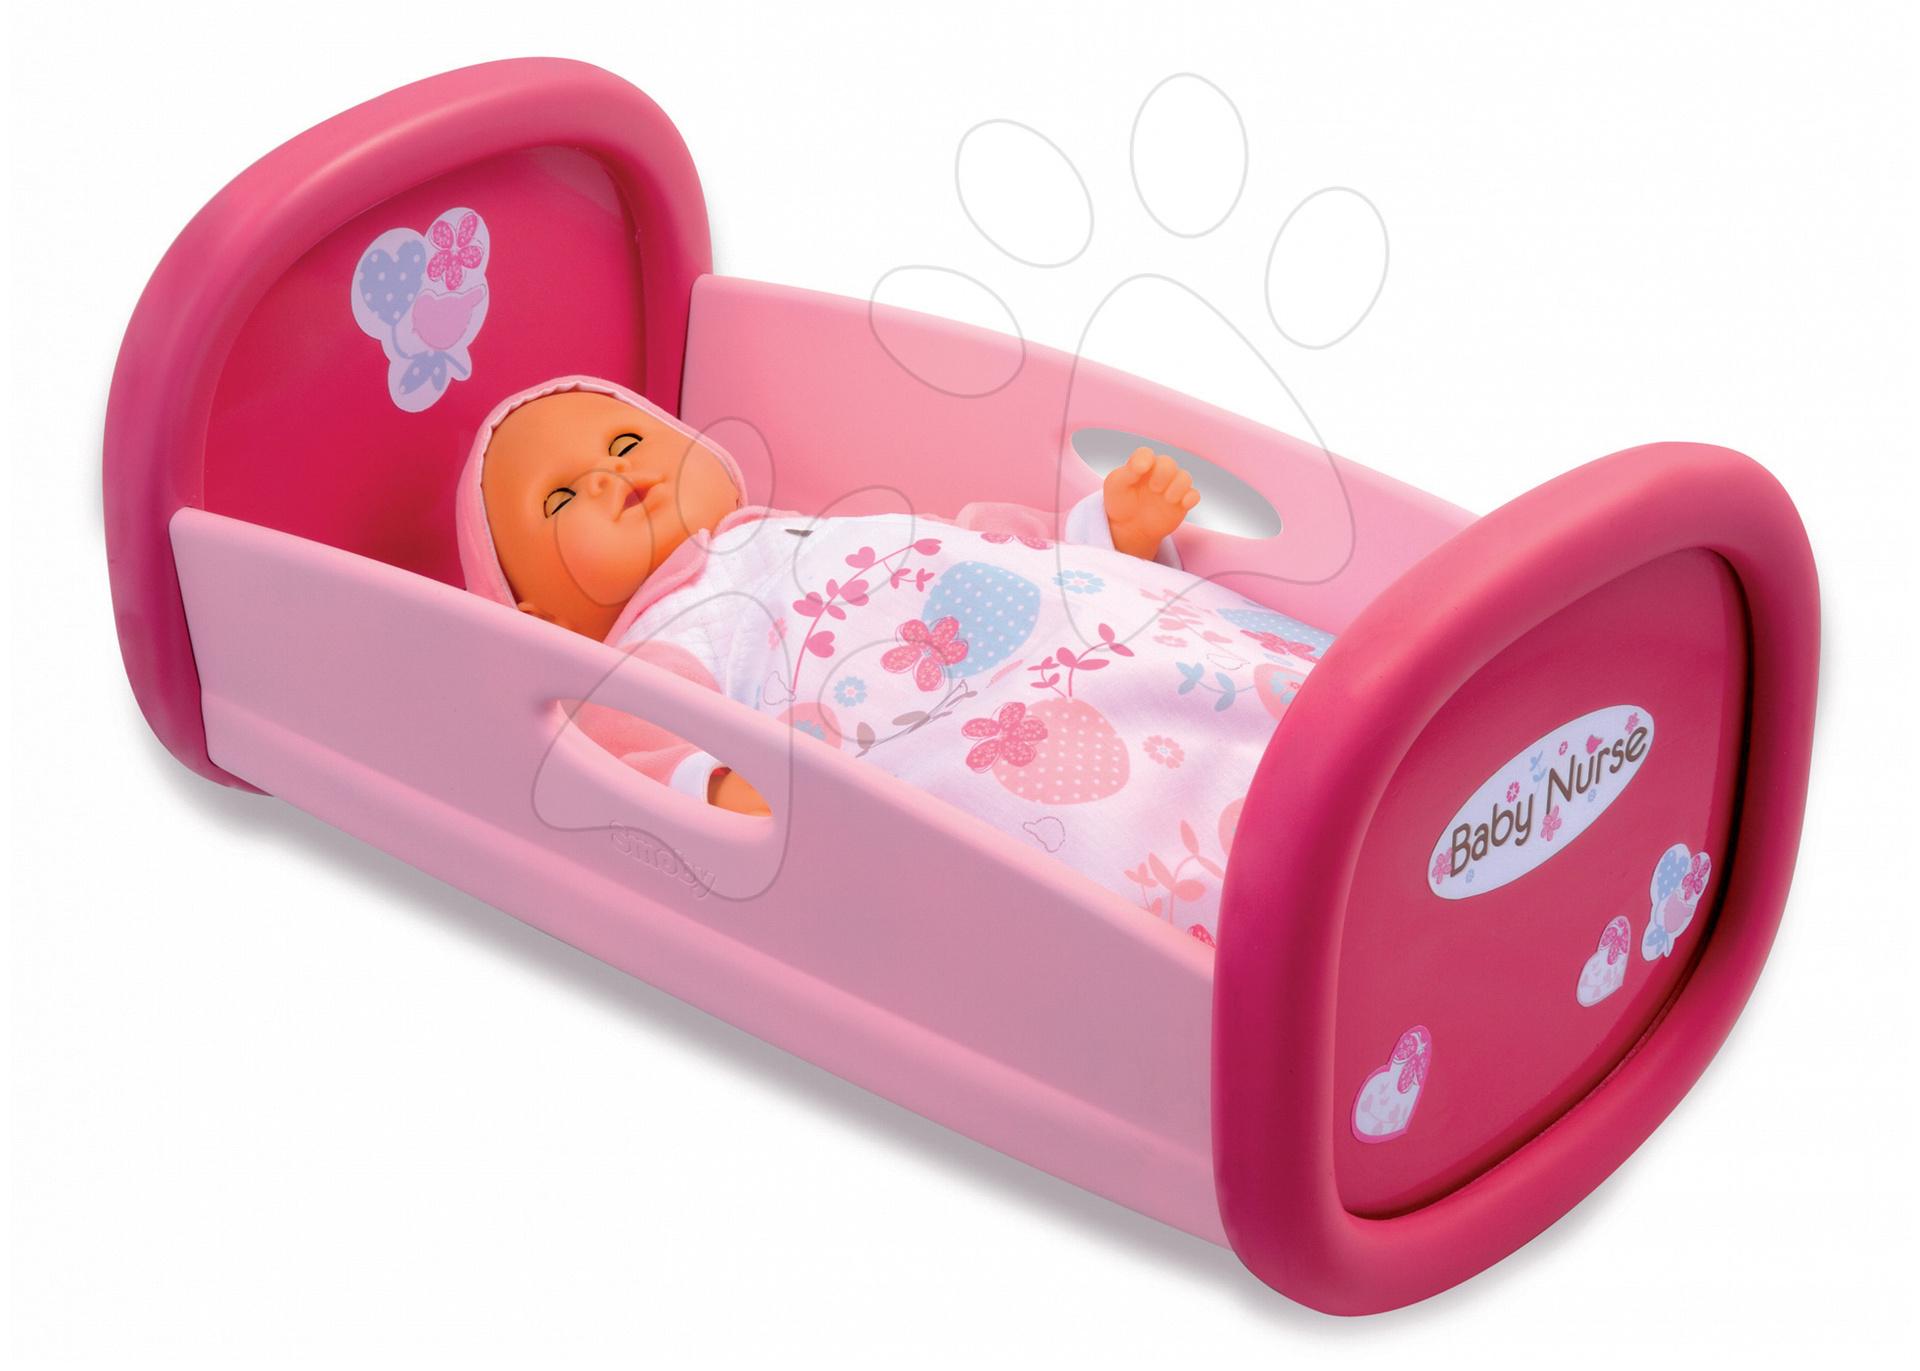 Postýlky a kolébky pro panenky - Kolébka pro panenku 42 cm Baby Nurse Smoby růžová s kytičkami a srdíčky od 18 měsíců